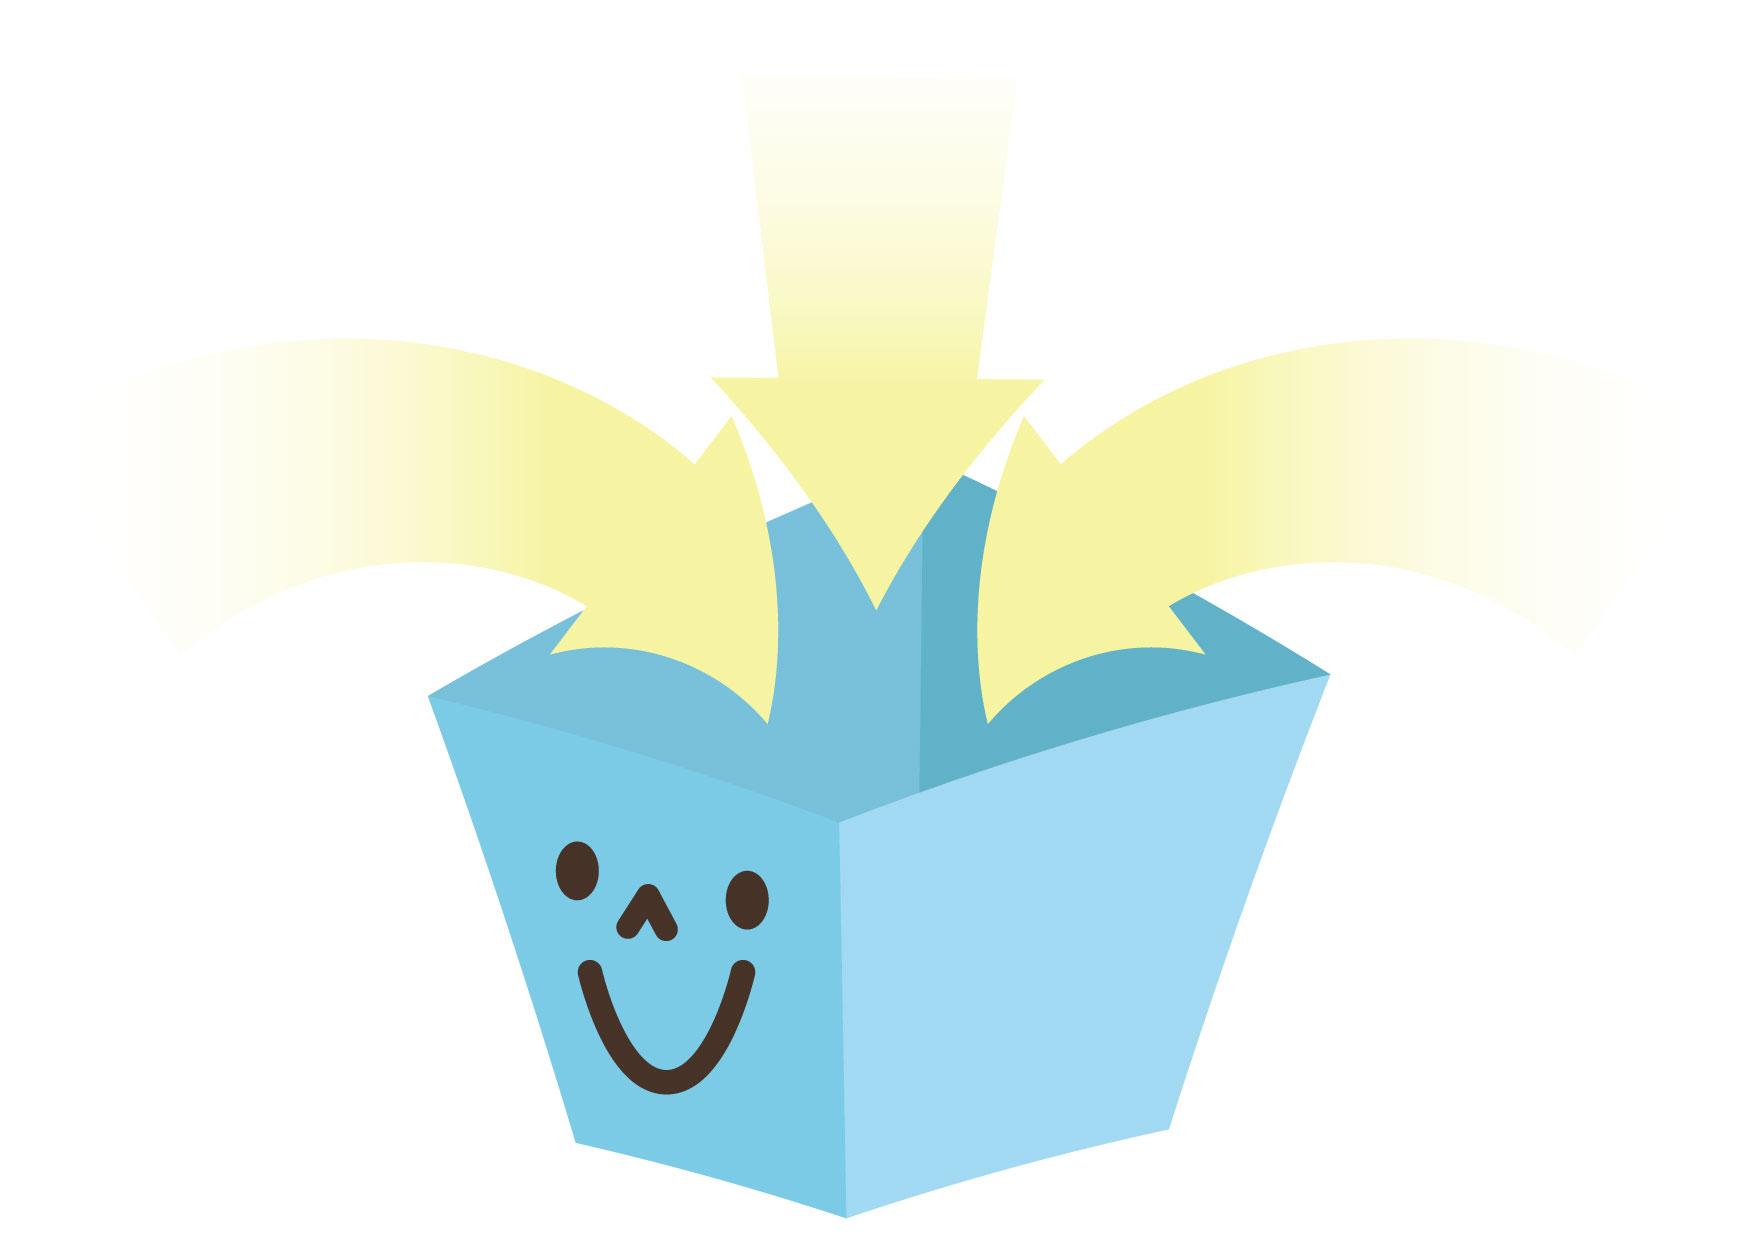 可愛いイラスト無料|箱 入る 矢印 青 − free illustration Box entering arrow blue